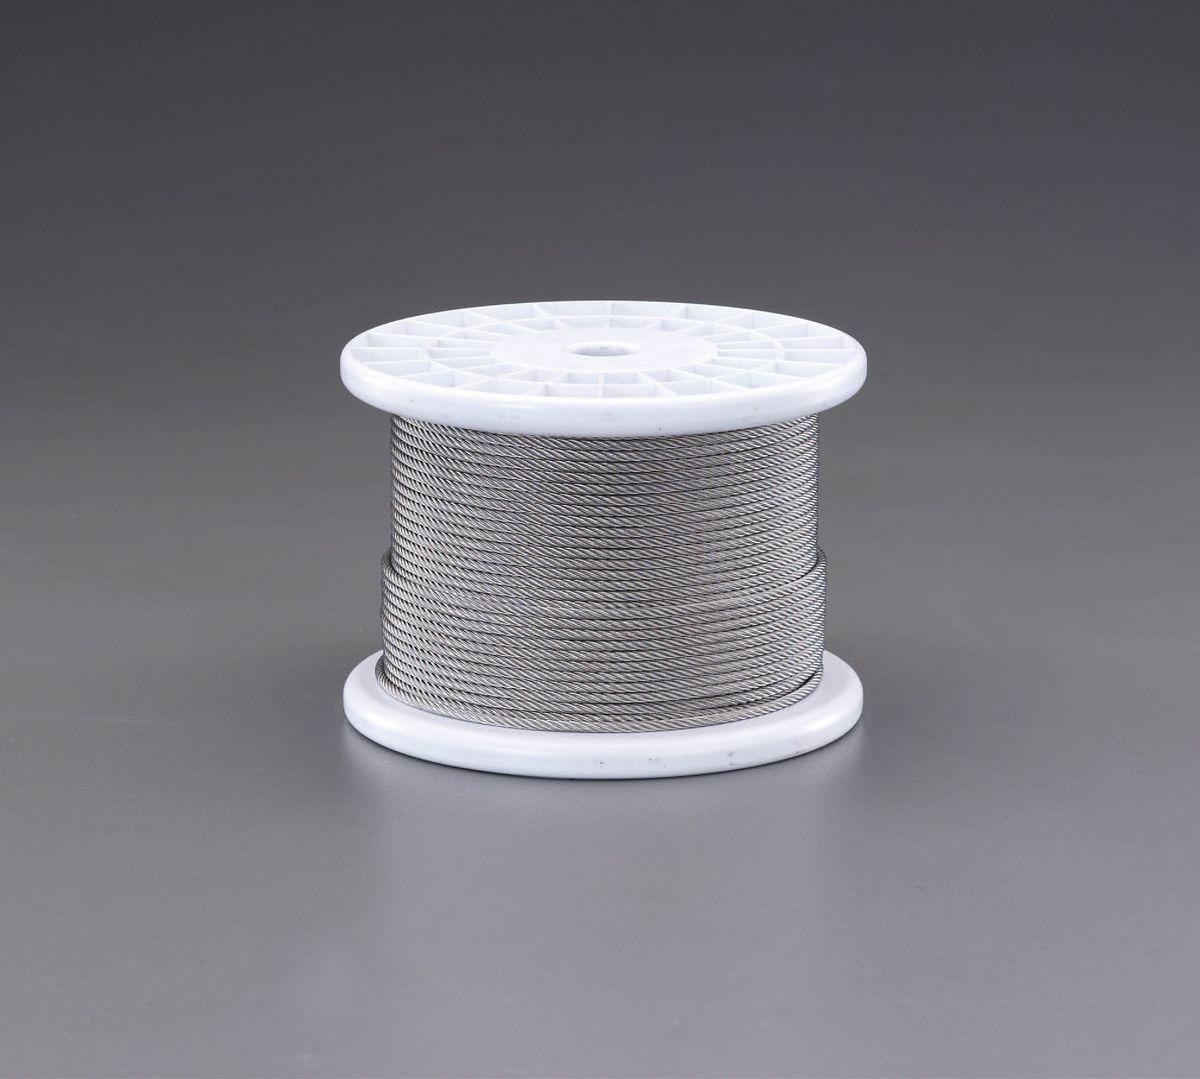 【メーカー在庫あり】 エスコ ESCO 3.0mmx100m/7x19 ワイヤーロープ(ステンレス製) 000012239050 HD店